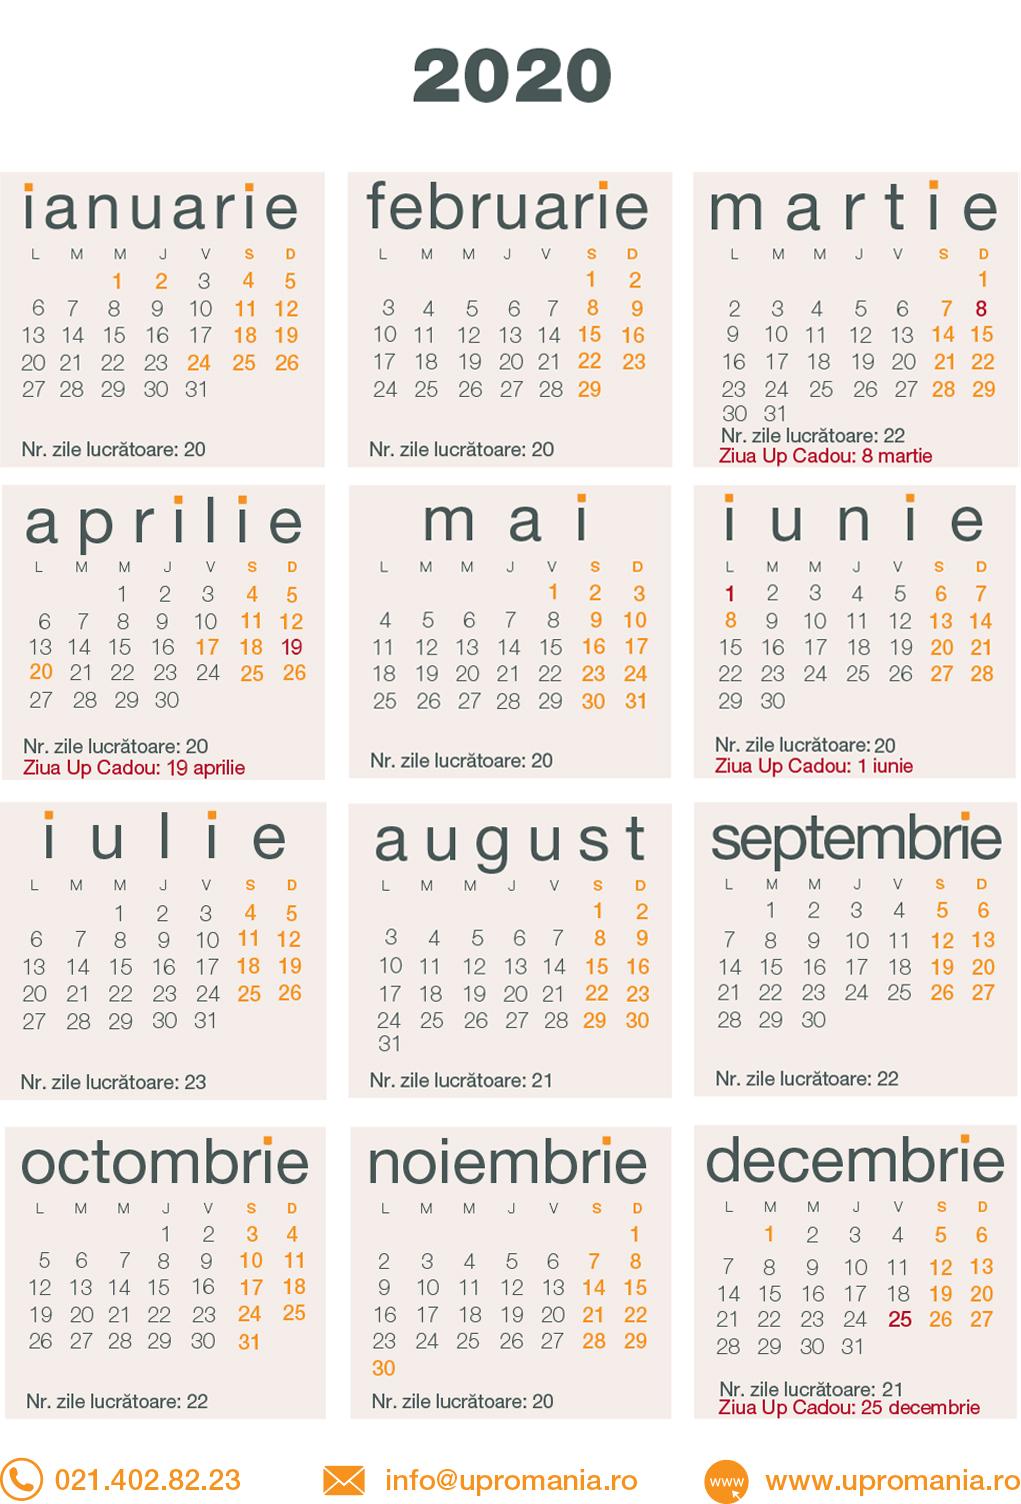 Calendar Zile Lucratoare 2020